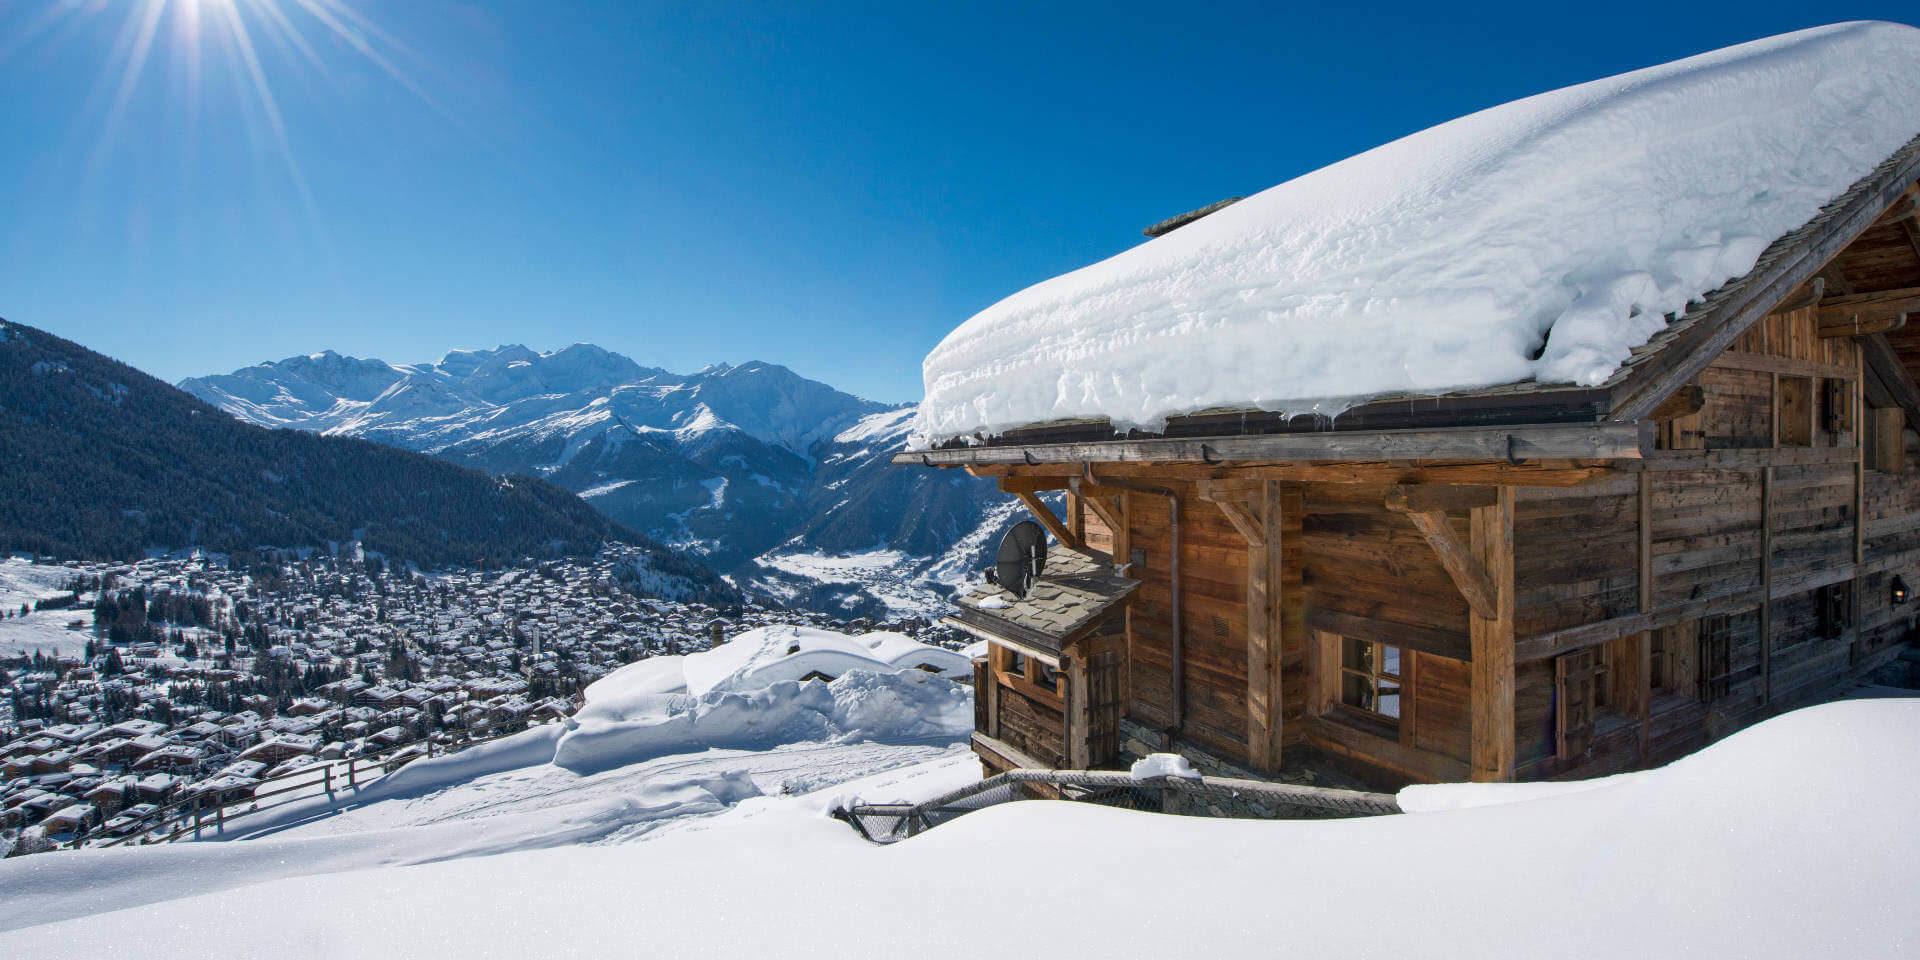 Chalet Nyumba Verbier Les 4 Vallees Zwitserland wintersport skivakantie luxe fantastisch uitzicht dorp sneeuw bergen